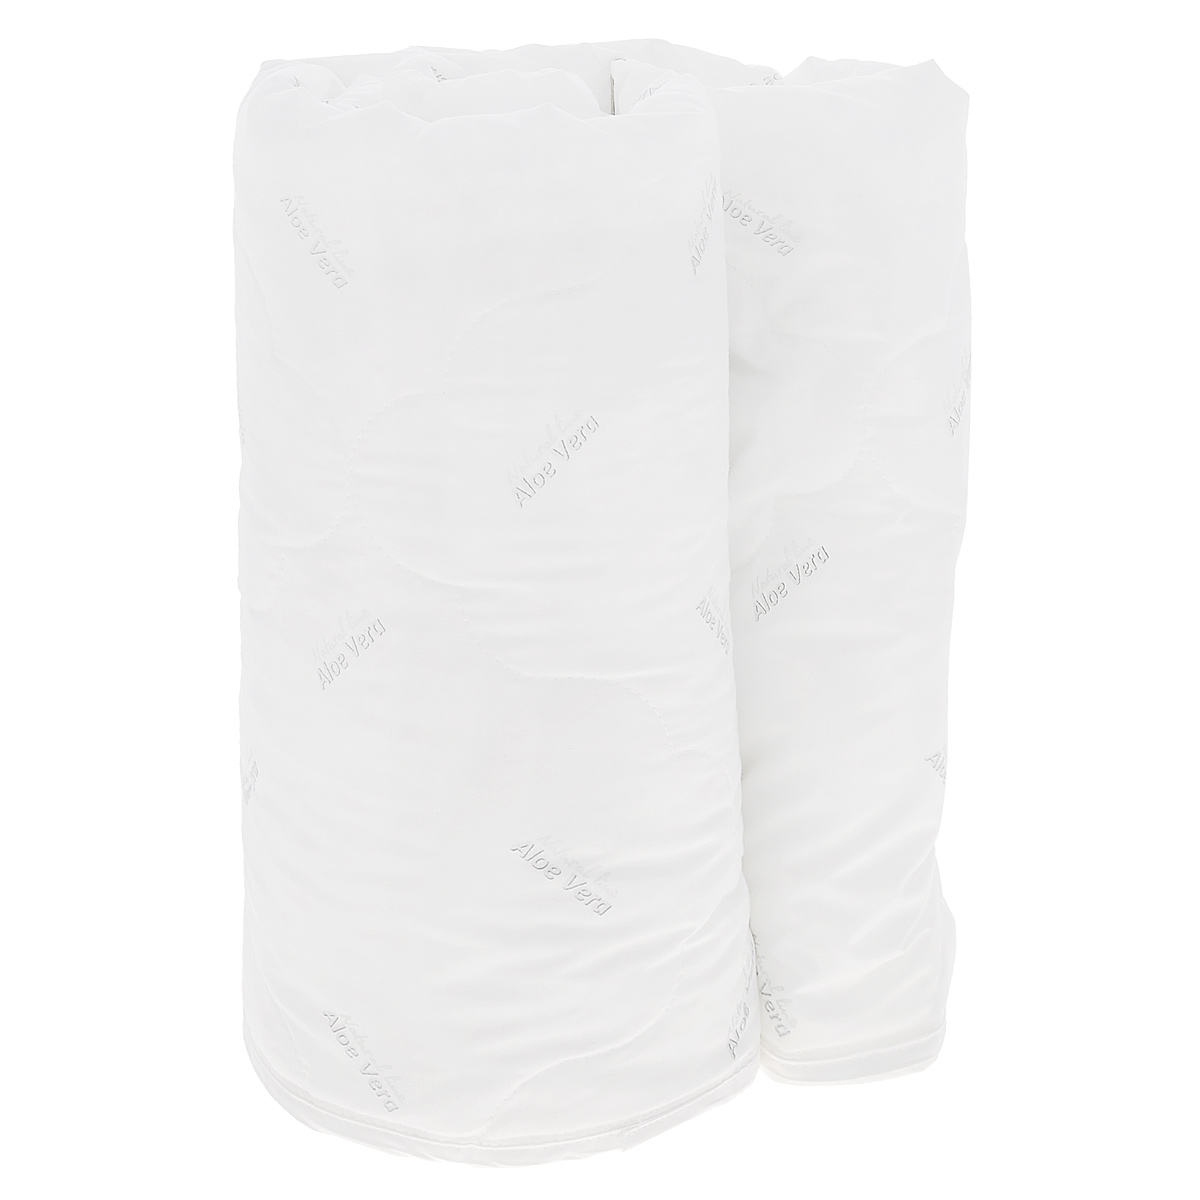 Одеяло Verossa AloeVera, наполнитель: полиэстеровое волокно, 140 см х 205 см158082Легкое одеяло Verossa AloeVera подарит комфортный сон вам и вашей семье.Чехол изготовлен из смесовой ткани с обработкой Aloe Vera, наполнитель - 100% полиэстеровое волокно. Aloe Vera - специальный биологический компонент, стимулирующий защитные силы организма. Алоэ вера обладает общеукрепляющим действием, содержит полезные для красоты и здоровья витамины и минералы. К тому же это прекрасный антиоксидант, способствует обновлению клеток, увлажняет и питает кожу во время сна. Компонент алое вера не пахнет, устойчив к стиркам и не оказывает вредного влияния на человека. Такое одеяло подойдет тем, кто заботится о красоте даже во время сна.Материал чехла: смесовая ткань с обработкой Aloe Vera. Наполнитель: 100% полиэстеровое волокно. Плотность наполнителя: 150 г/м2.